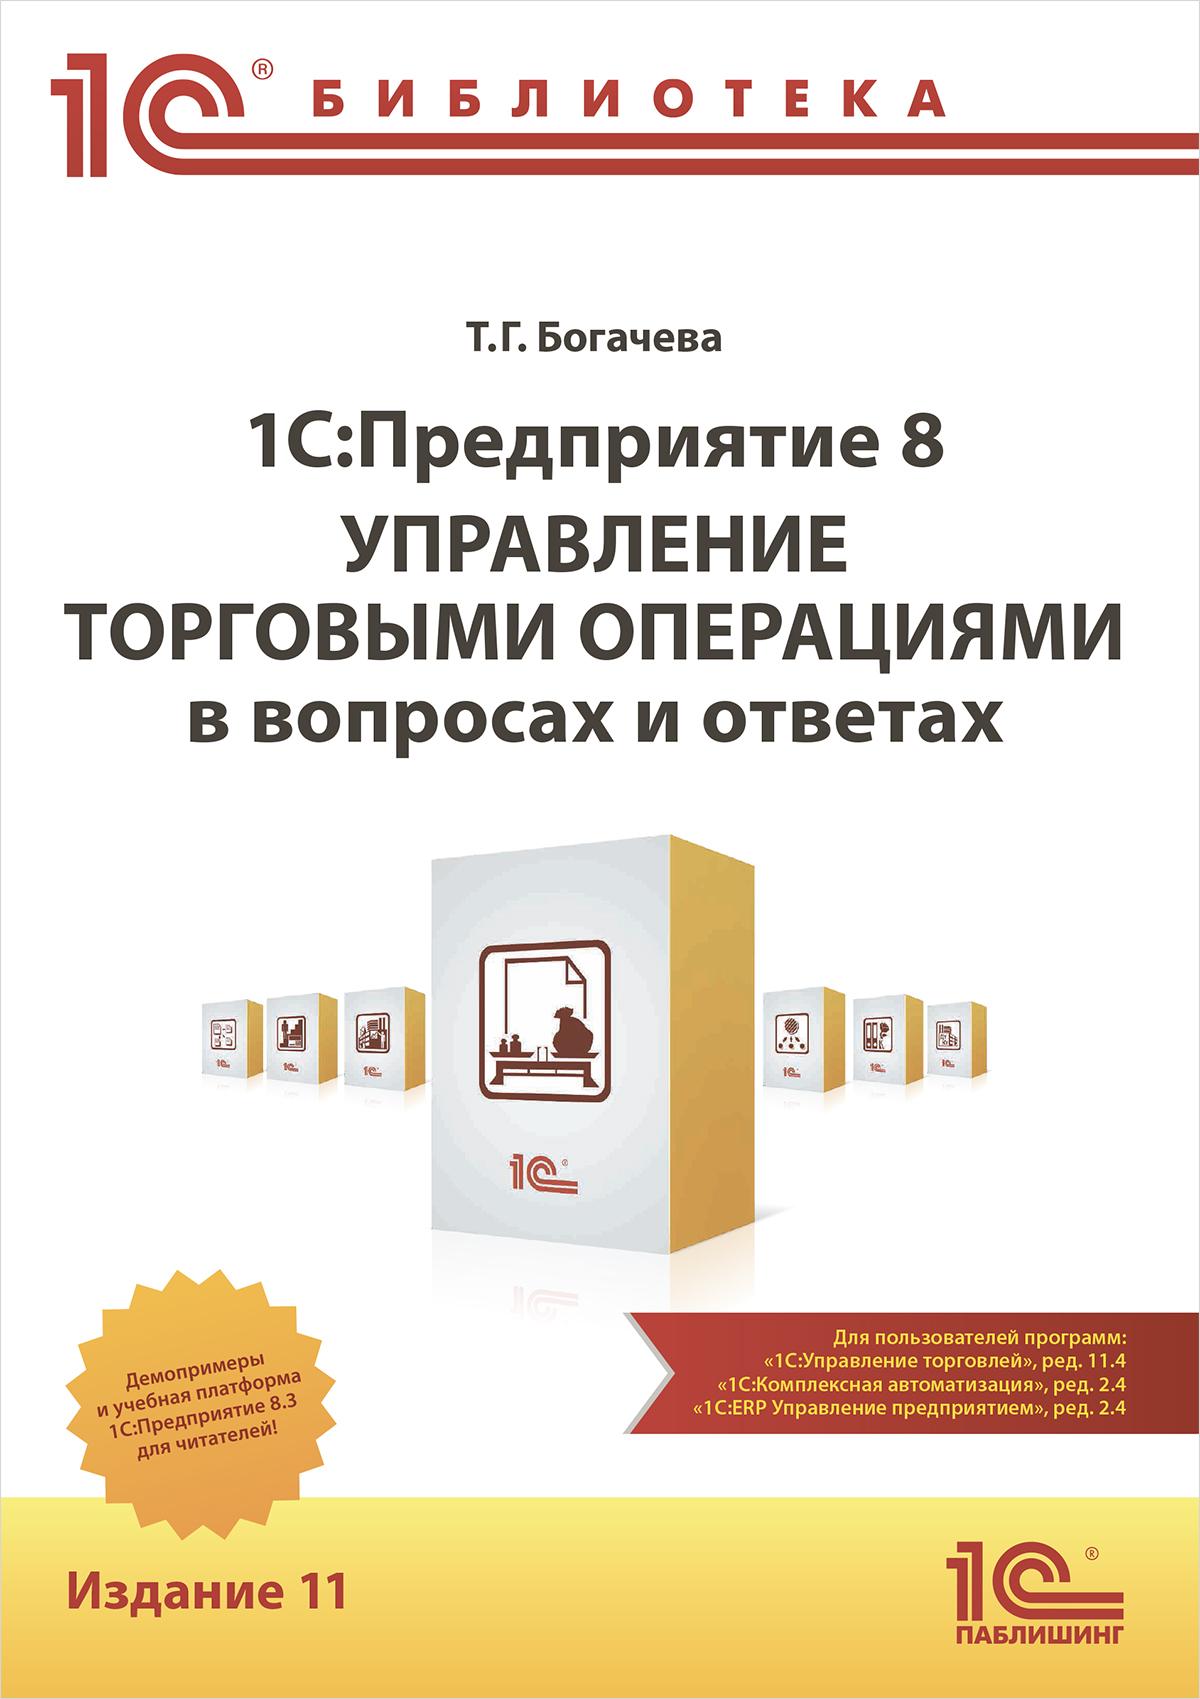 Богачева Т.Г. 1С:Предприятие 8. Управление торговыми операциями в вопросах и ответах. Издание 11. Редакция 11.4